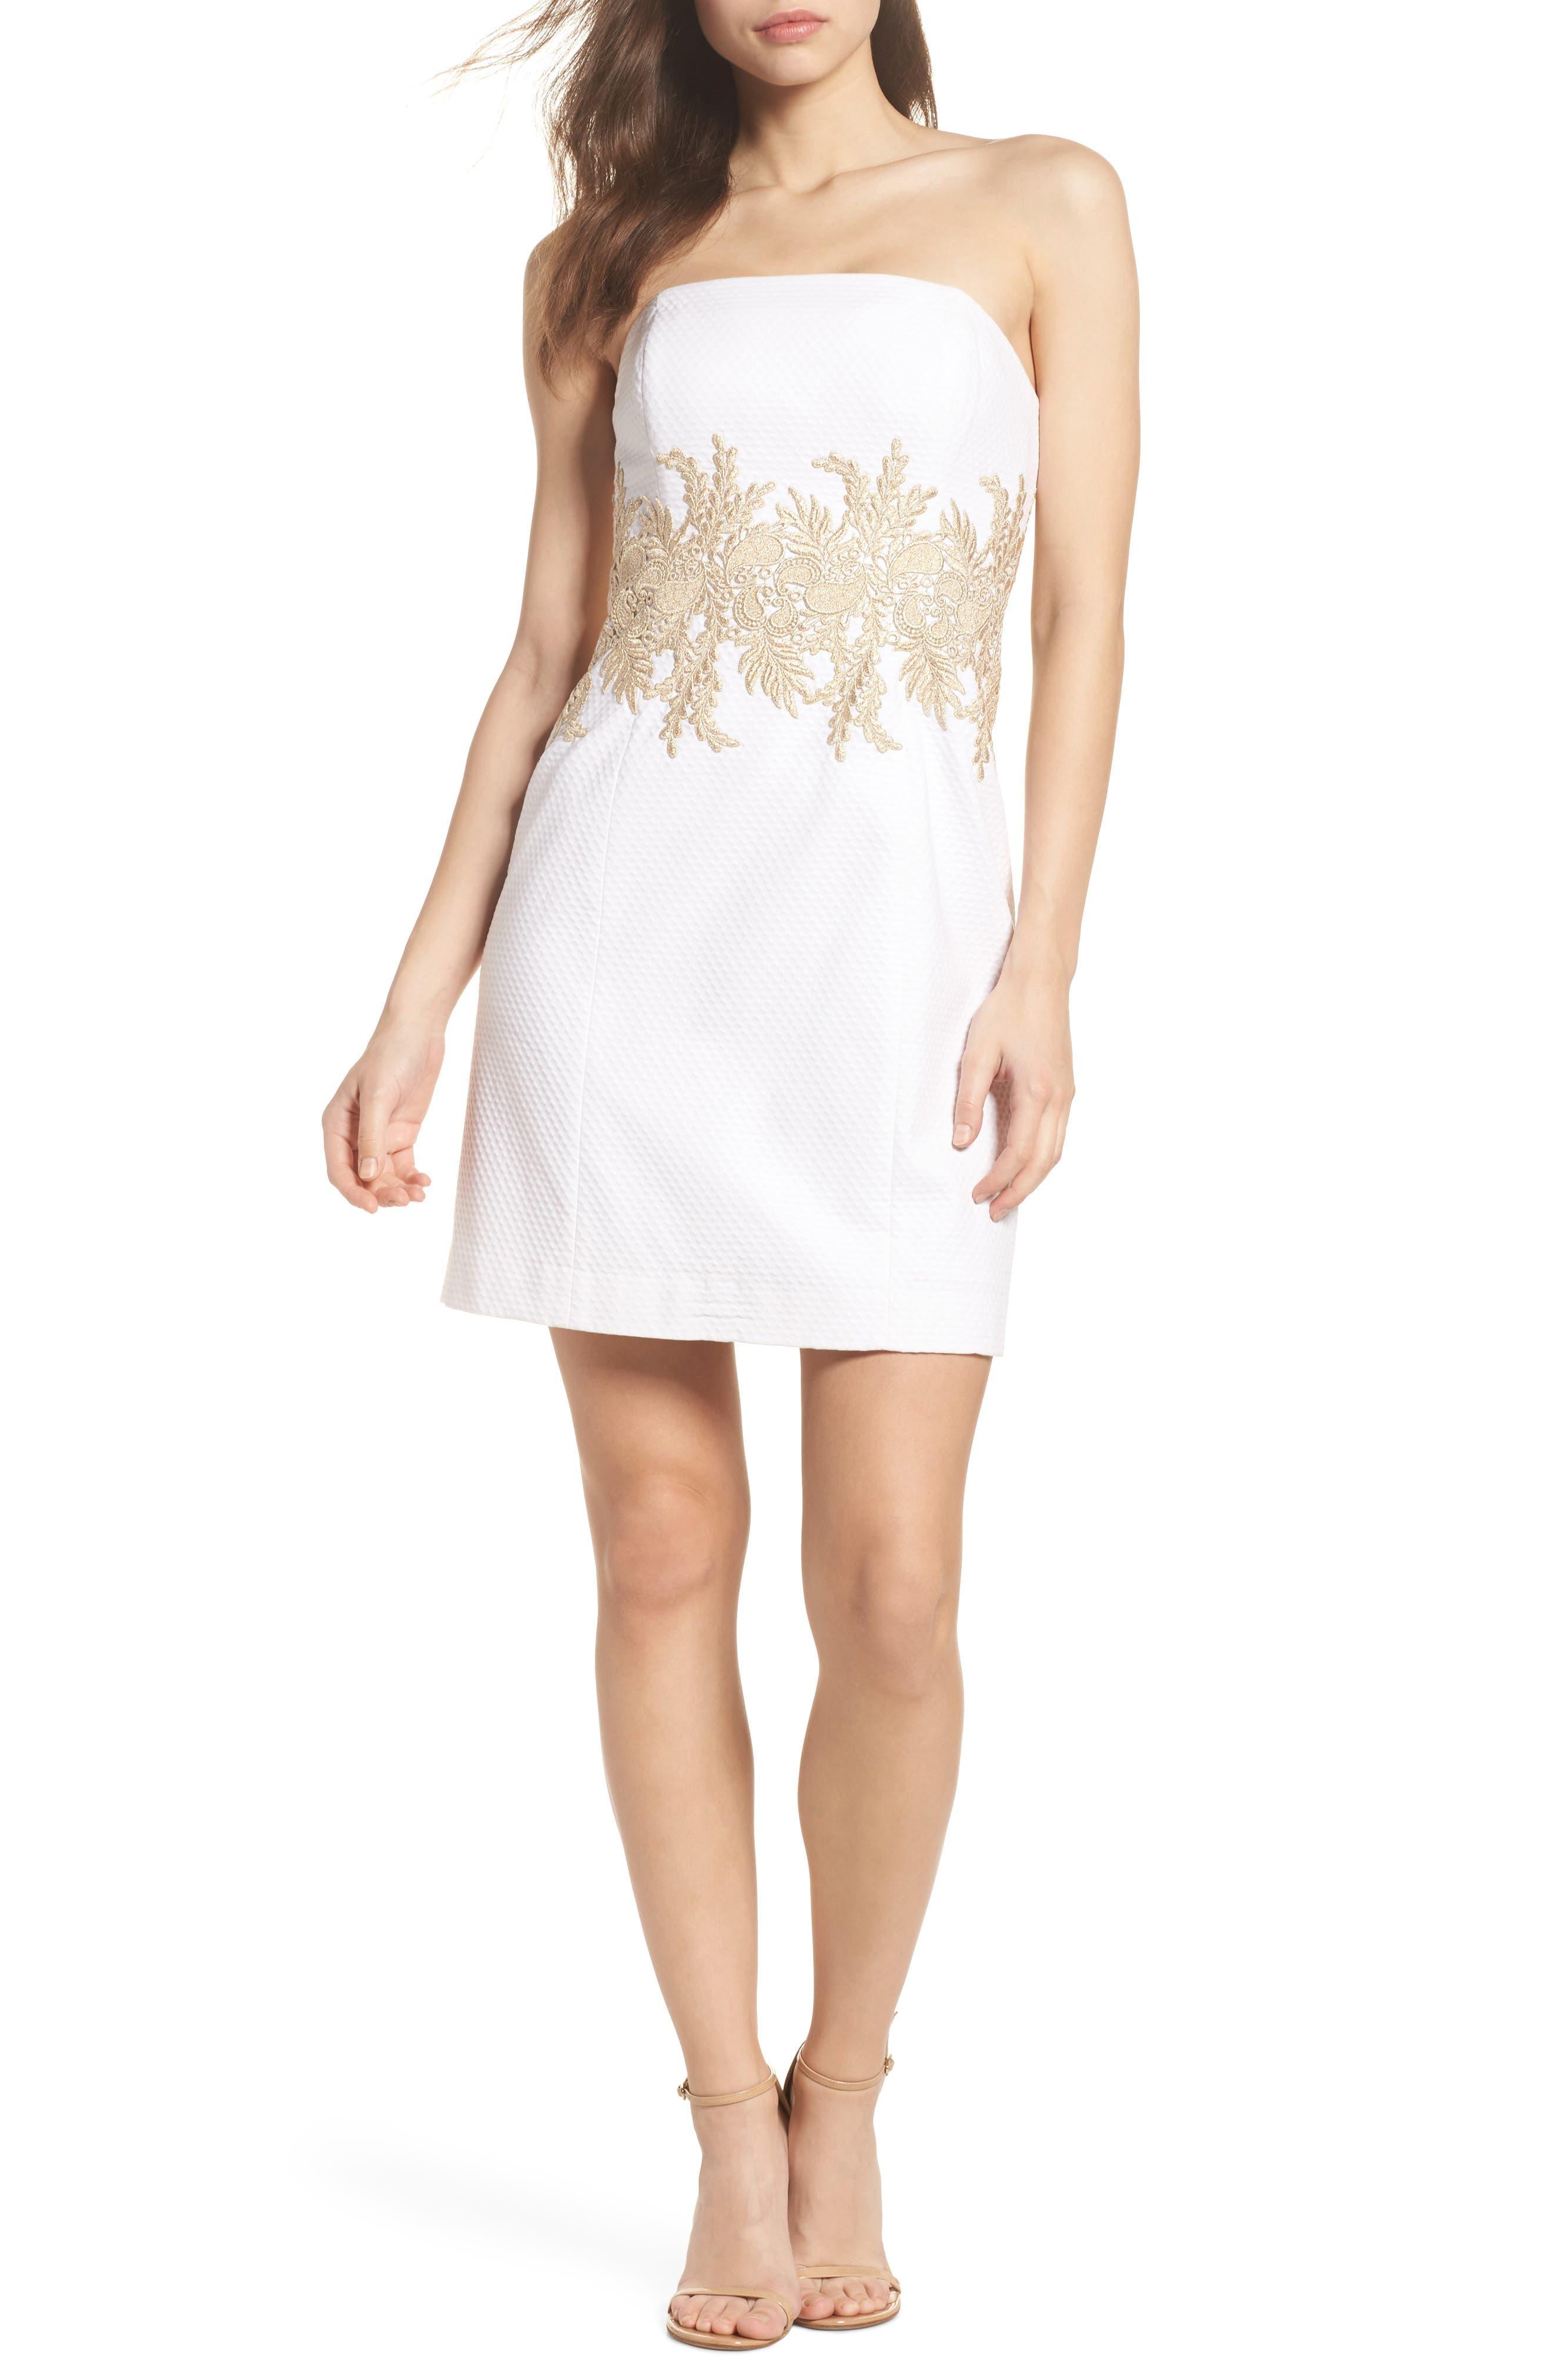 Kade Strapless Dress,                             Main thumbnail 1, color,                             Resort White